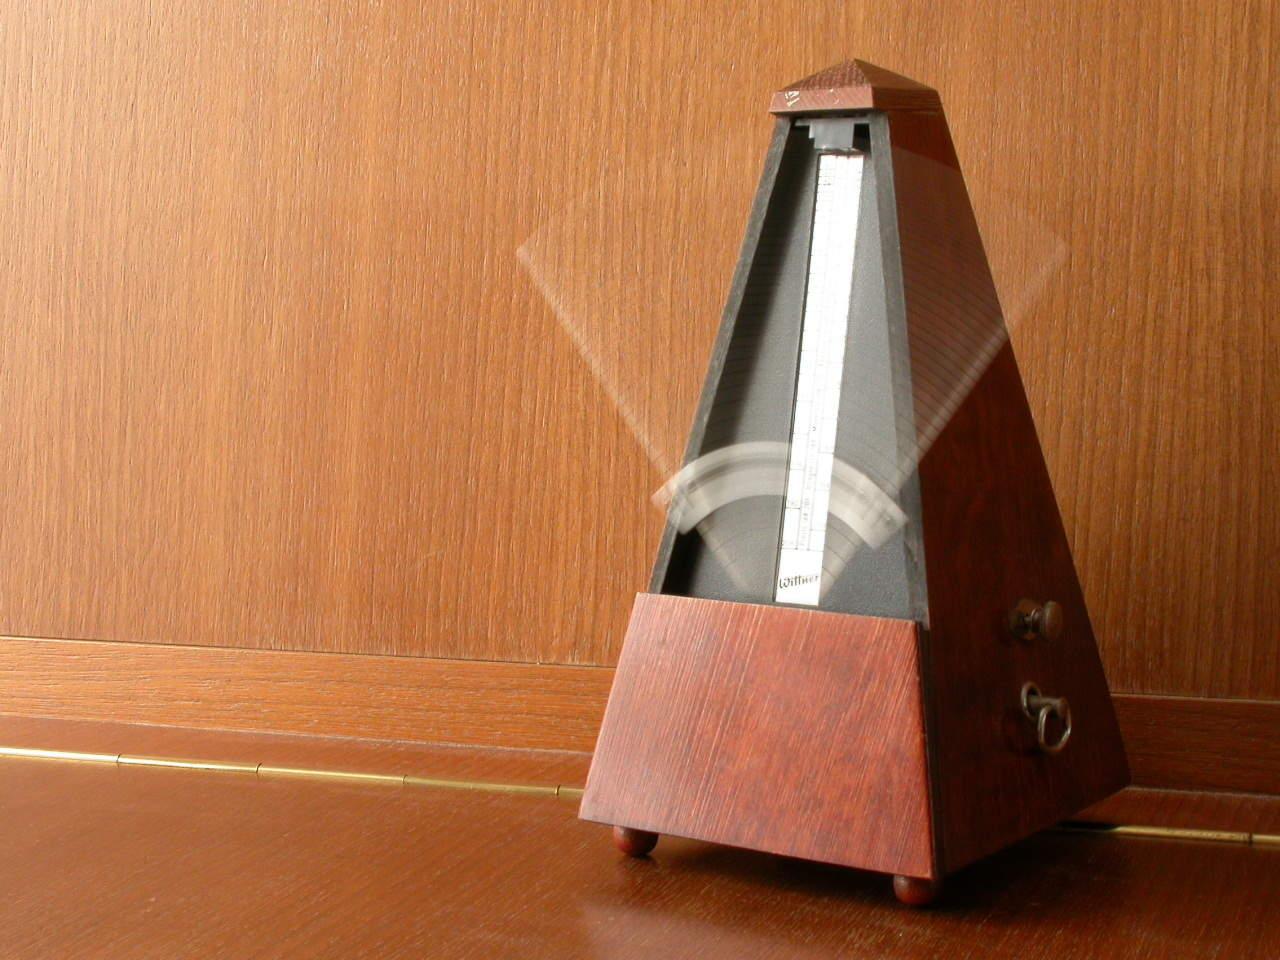 ผลการค้นหารูปภาพสำหรับ Metronome